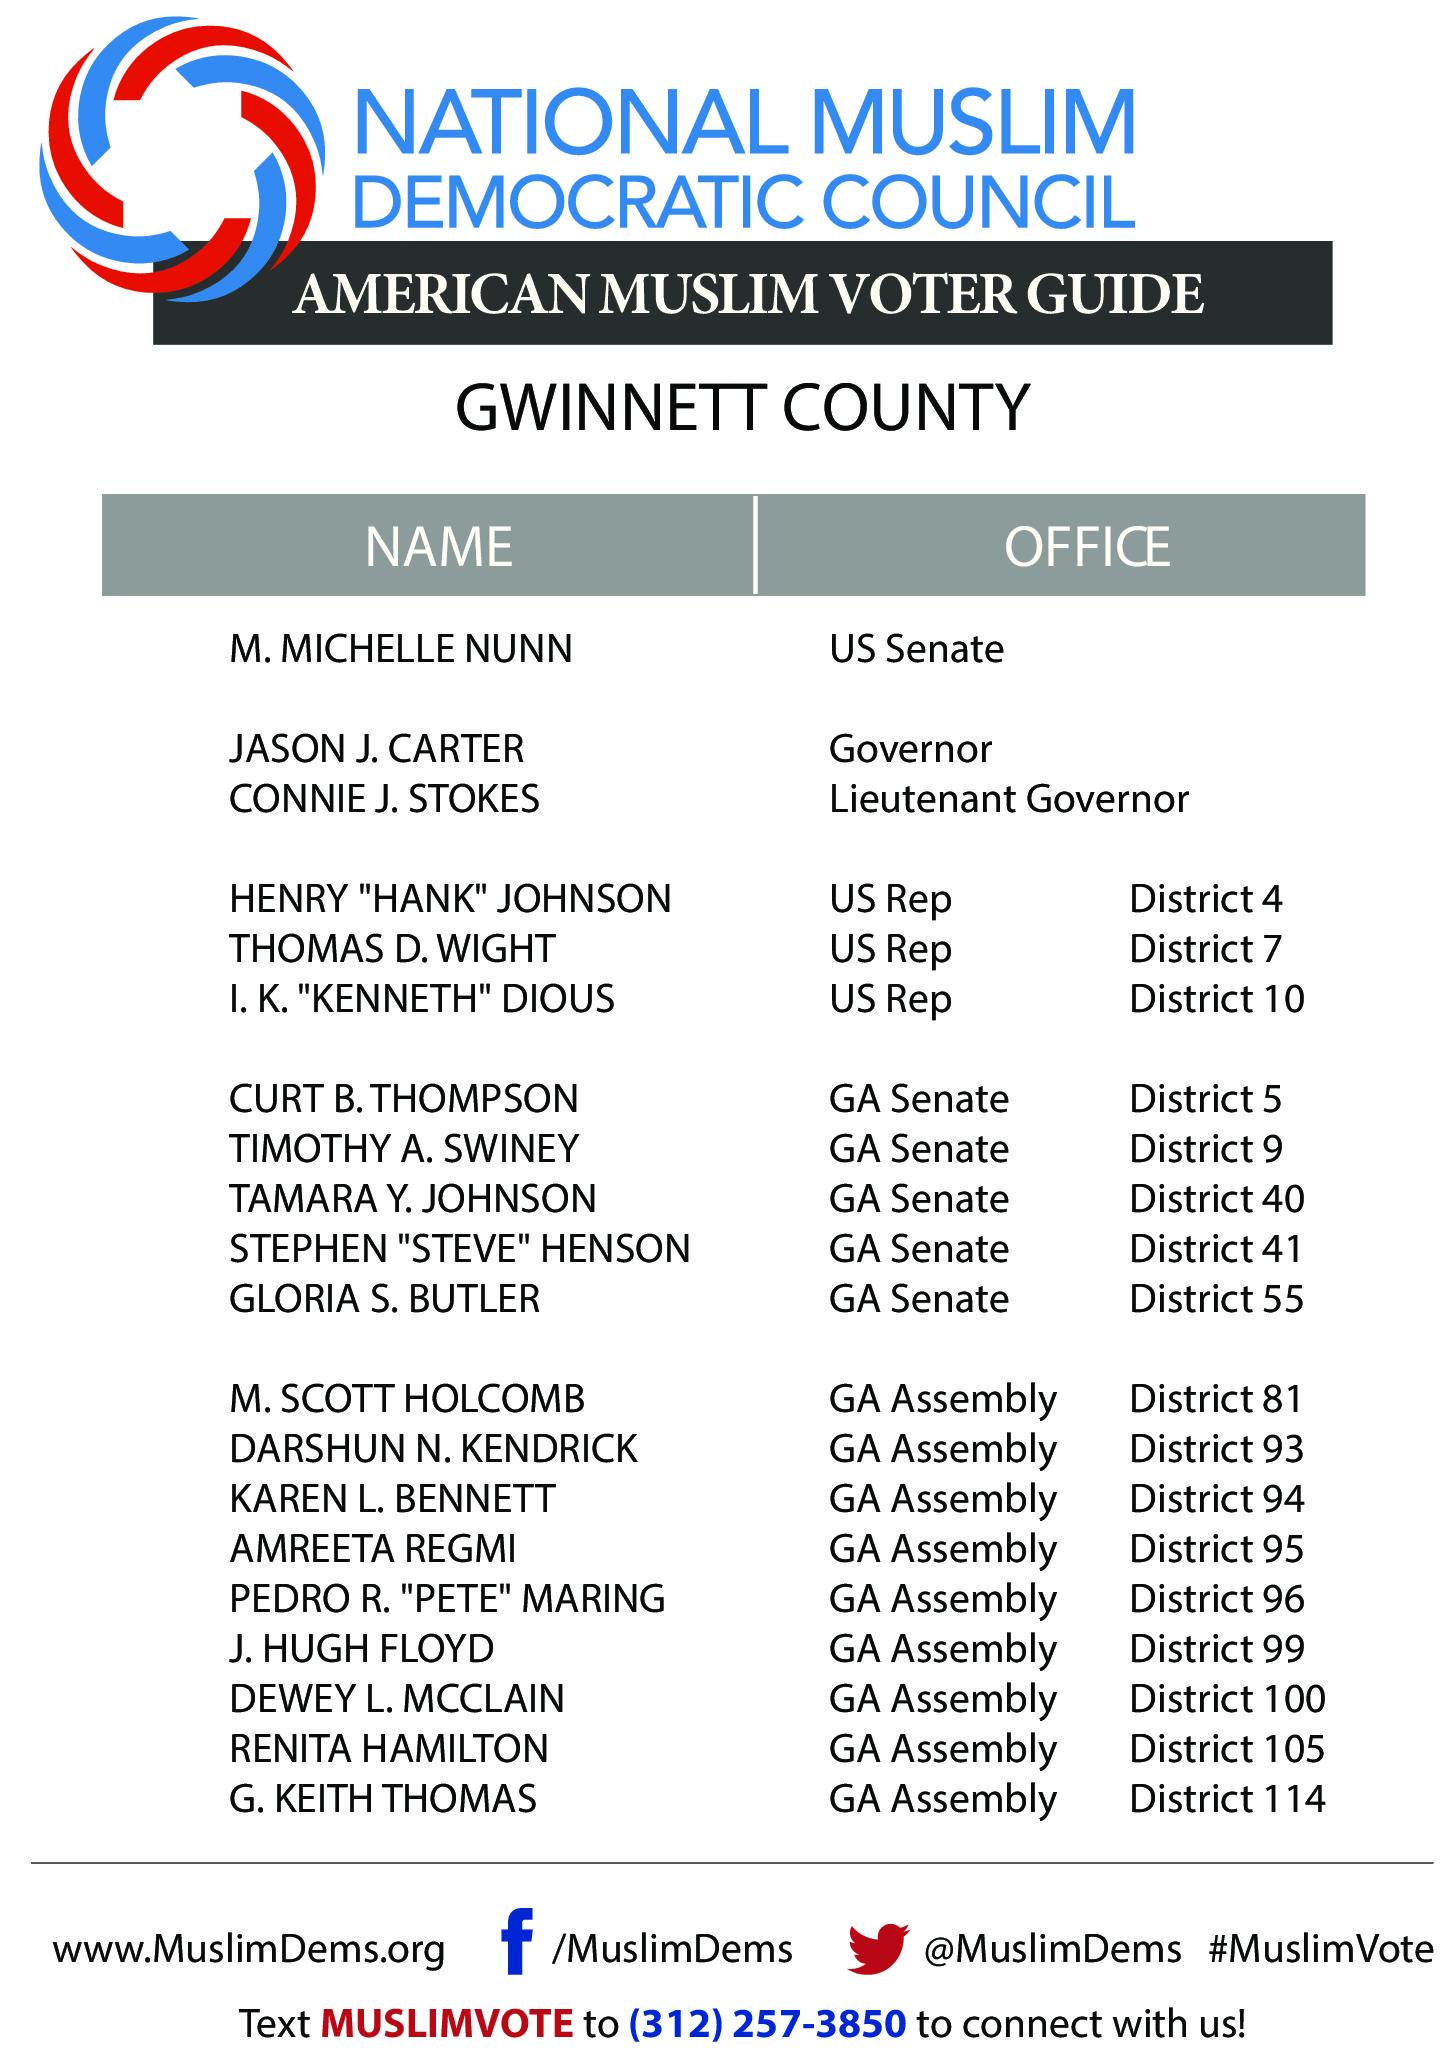 GwinnettATL_2014-page-0.jpg